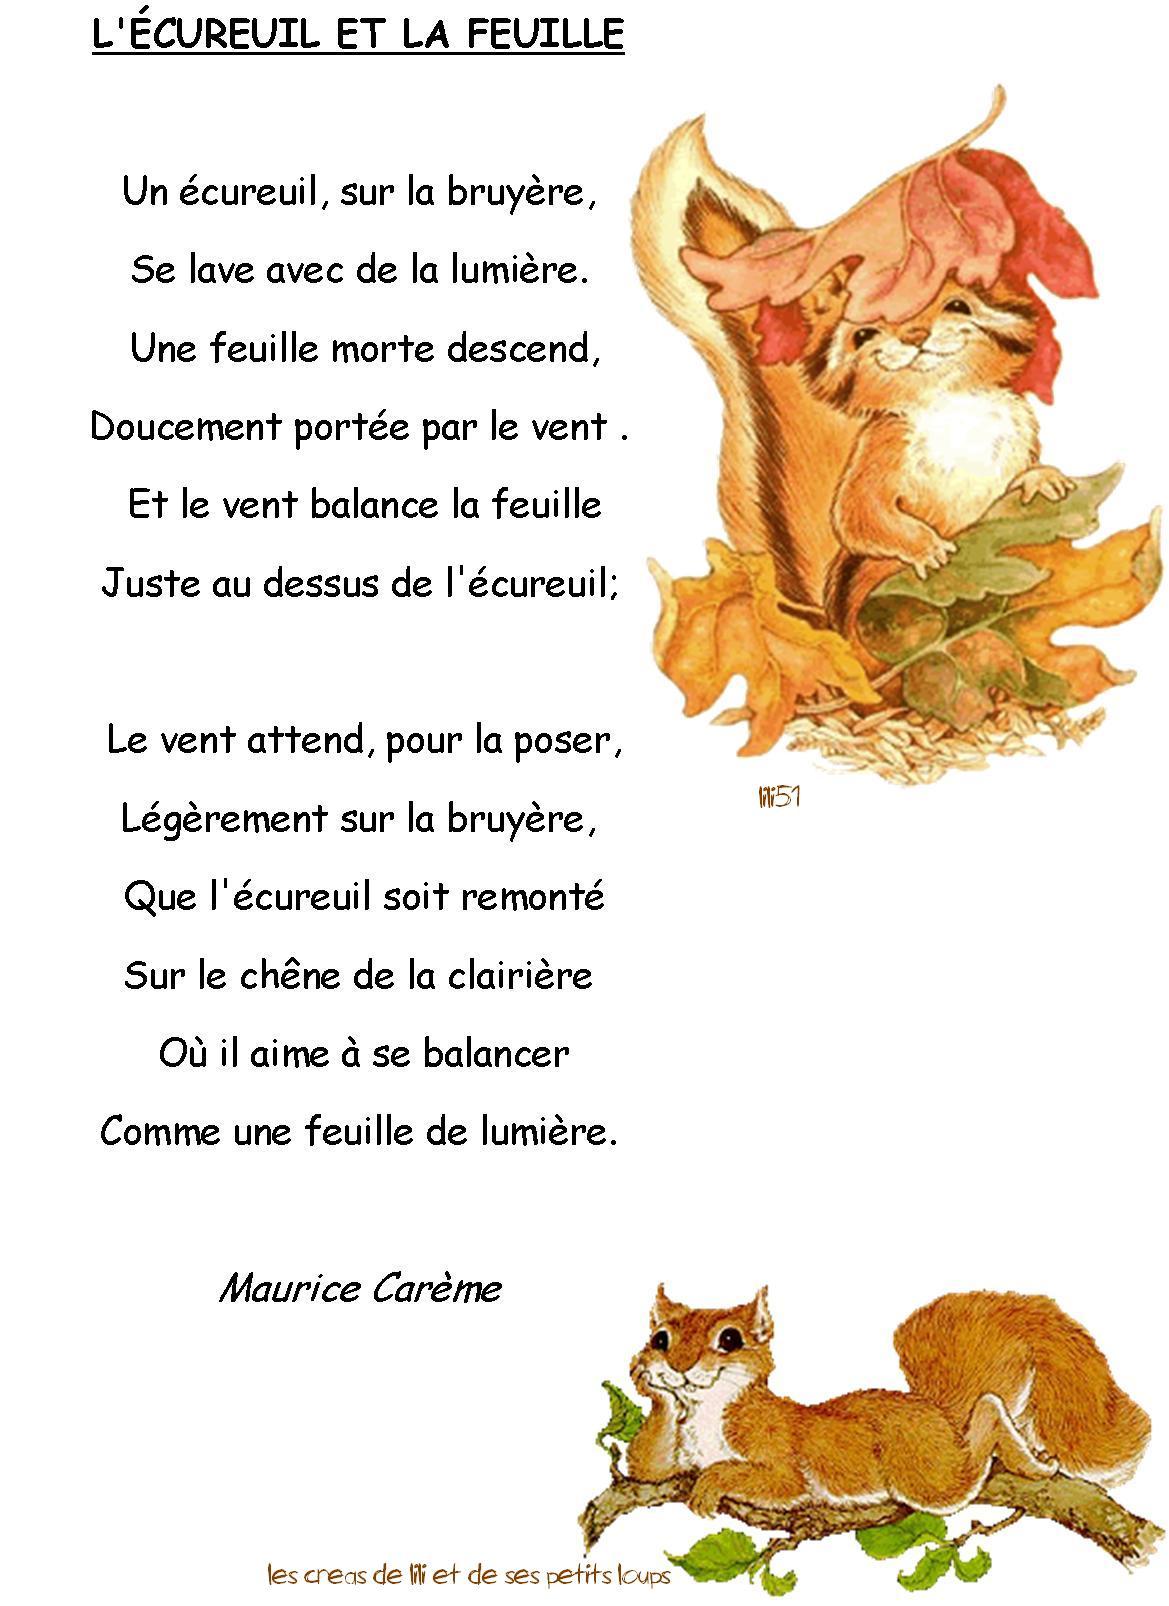 Poésie L écureuil Et La Feuille : poésie, écureuil, feuille, Poesie, L'ecureuil, Feuille